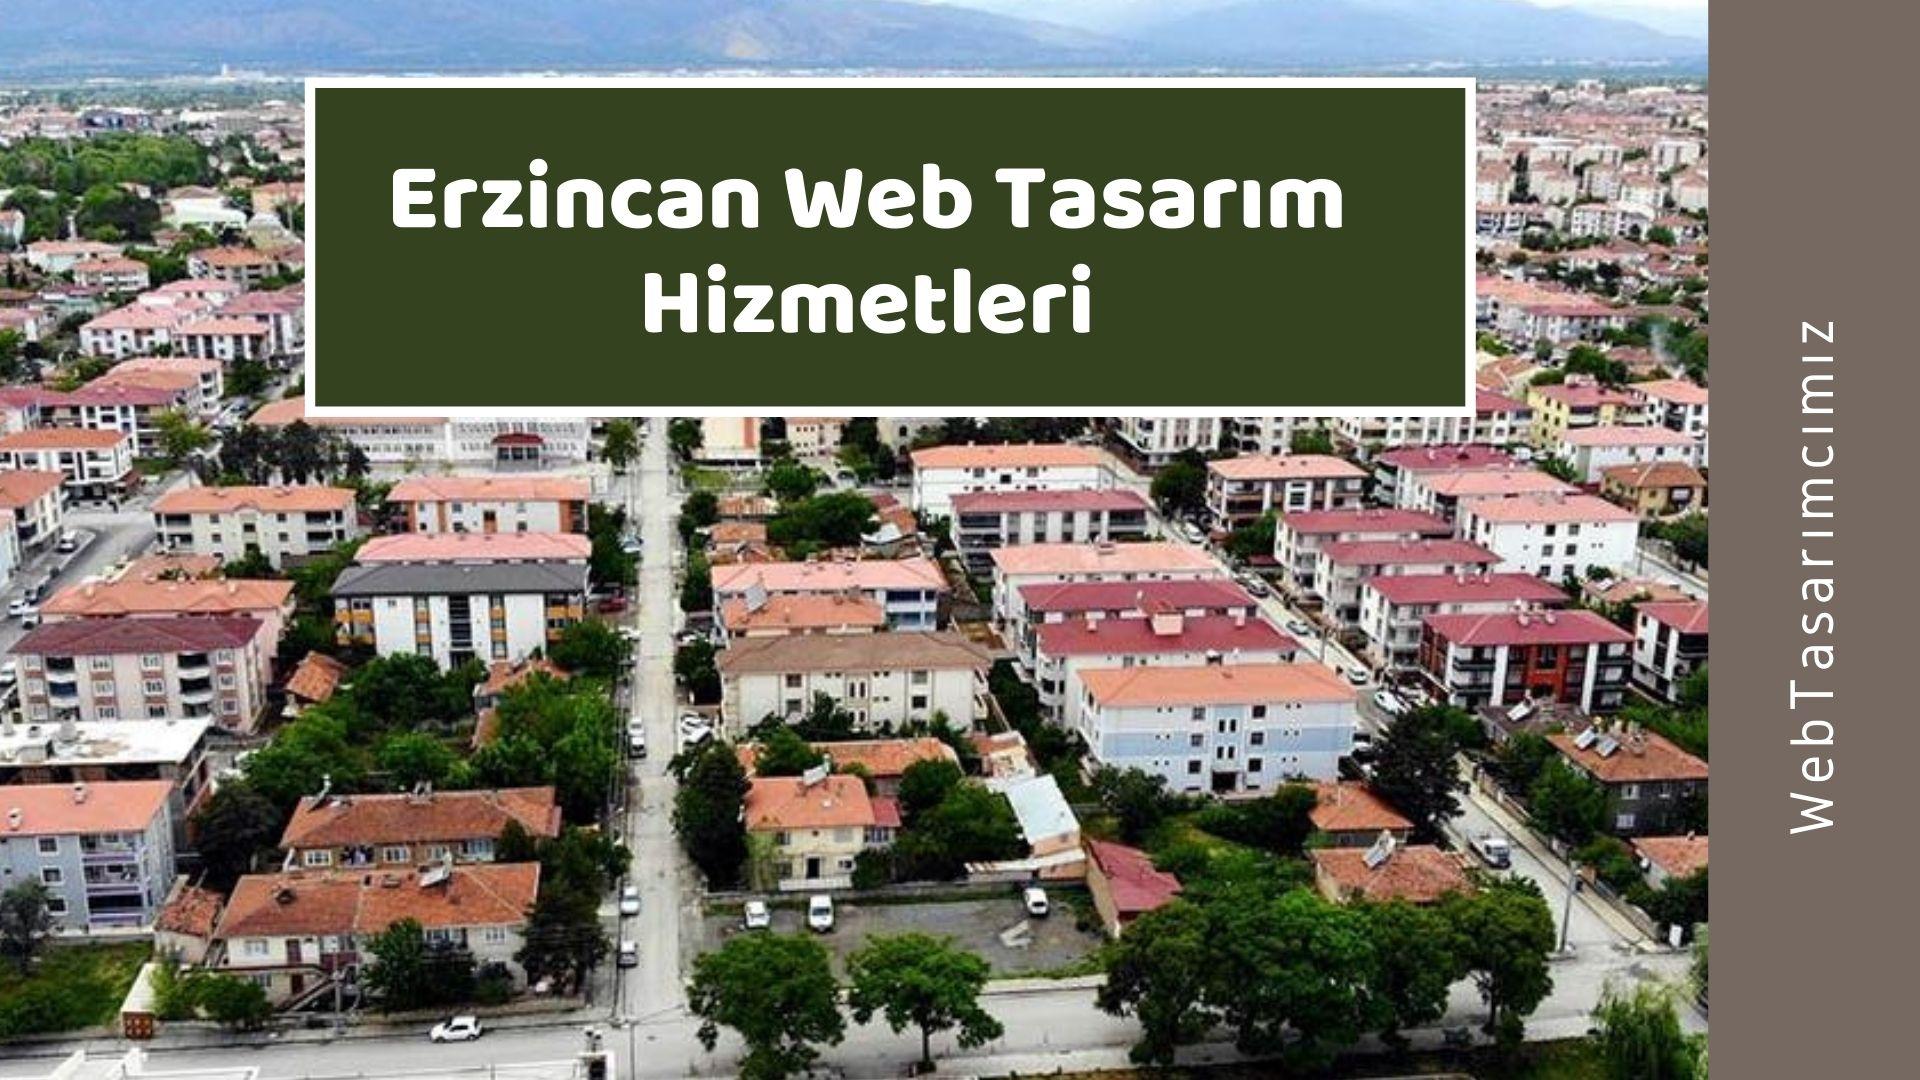 Erzincan Web Tasarım Hizmetleri